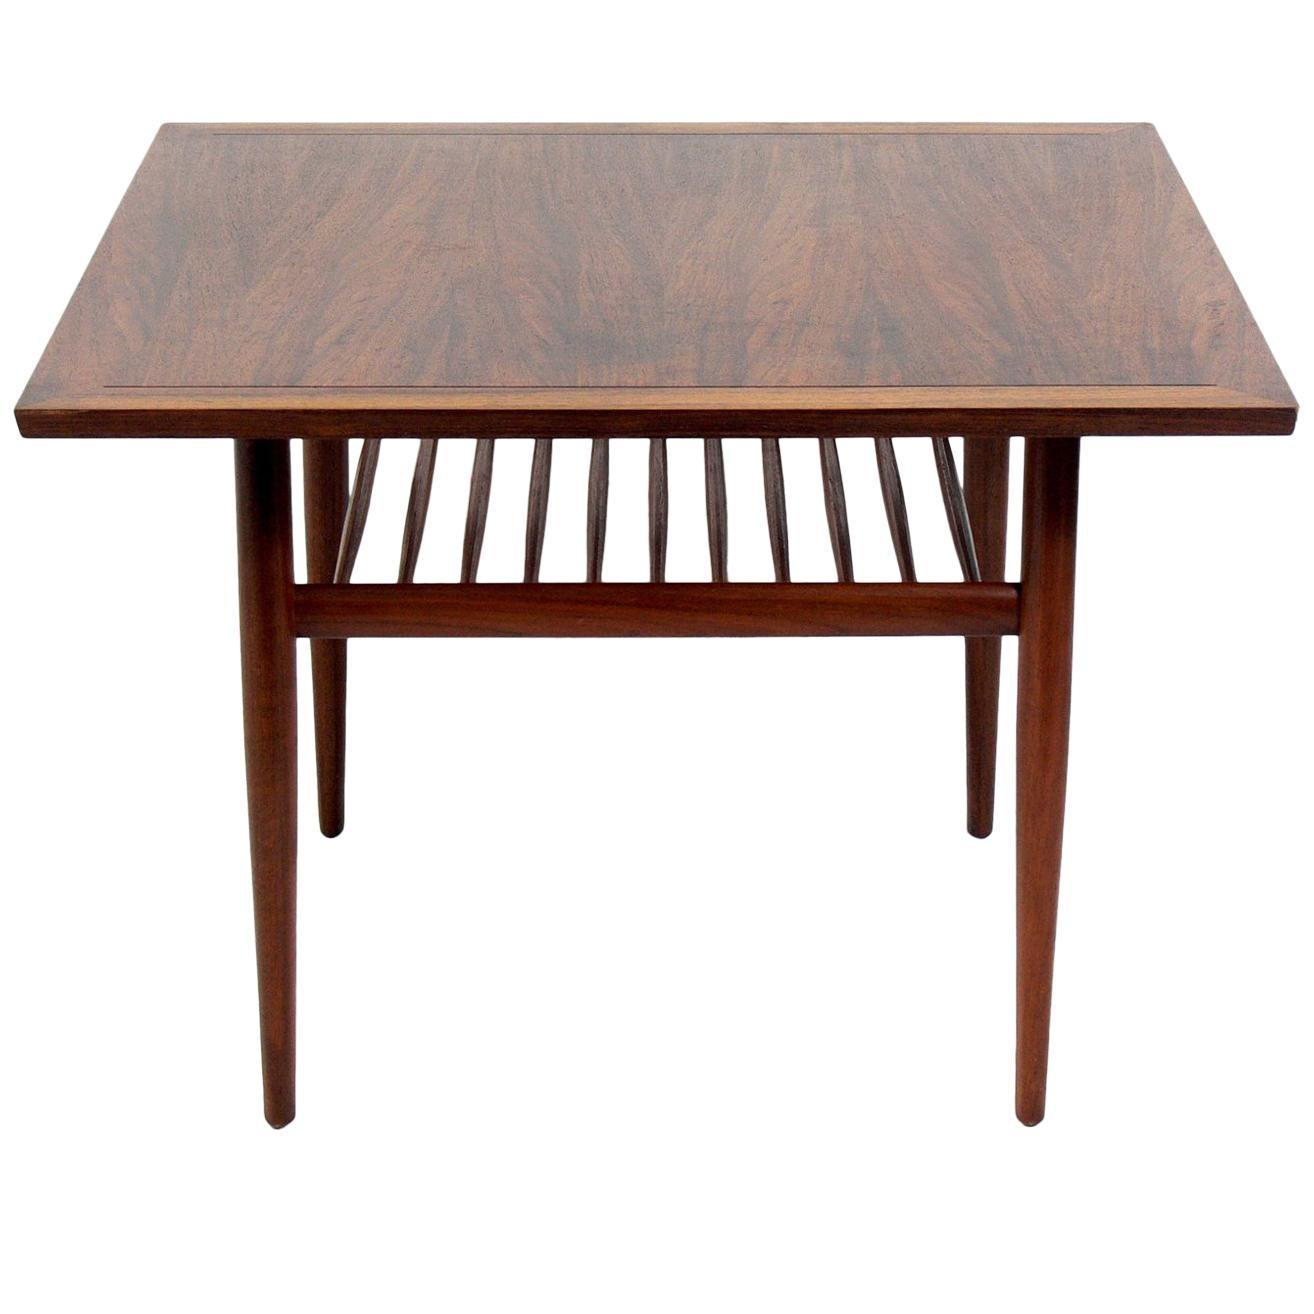 George Nakashima Table